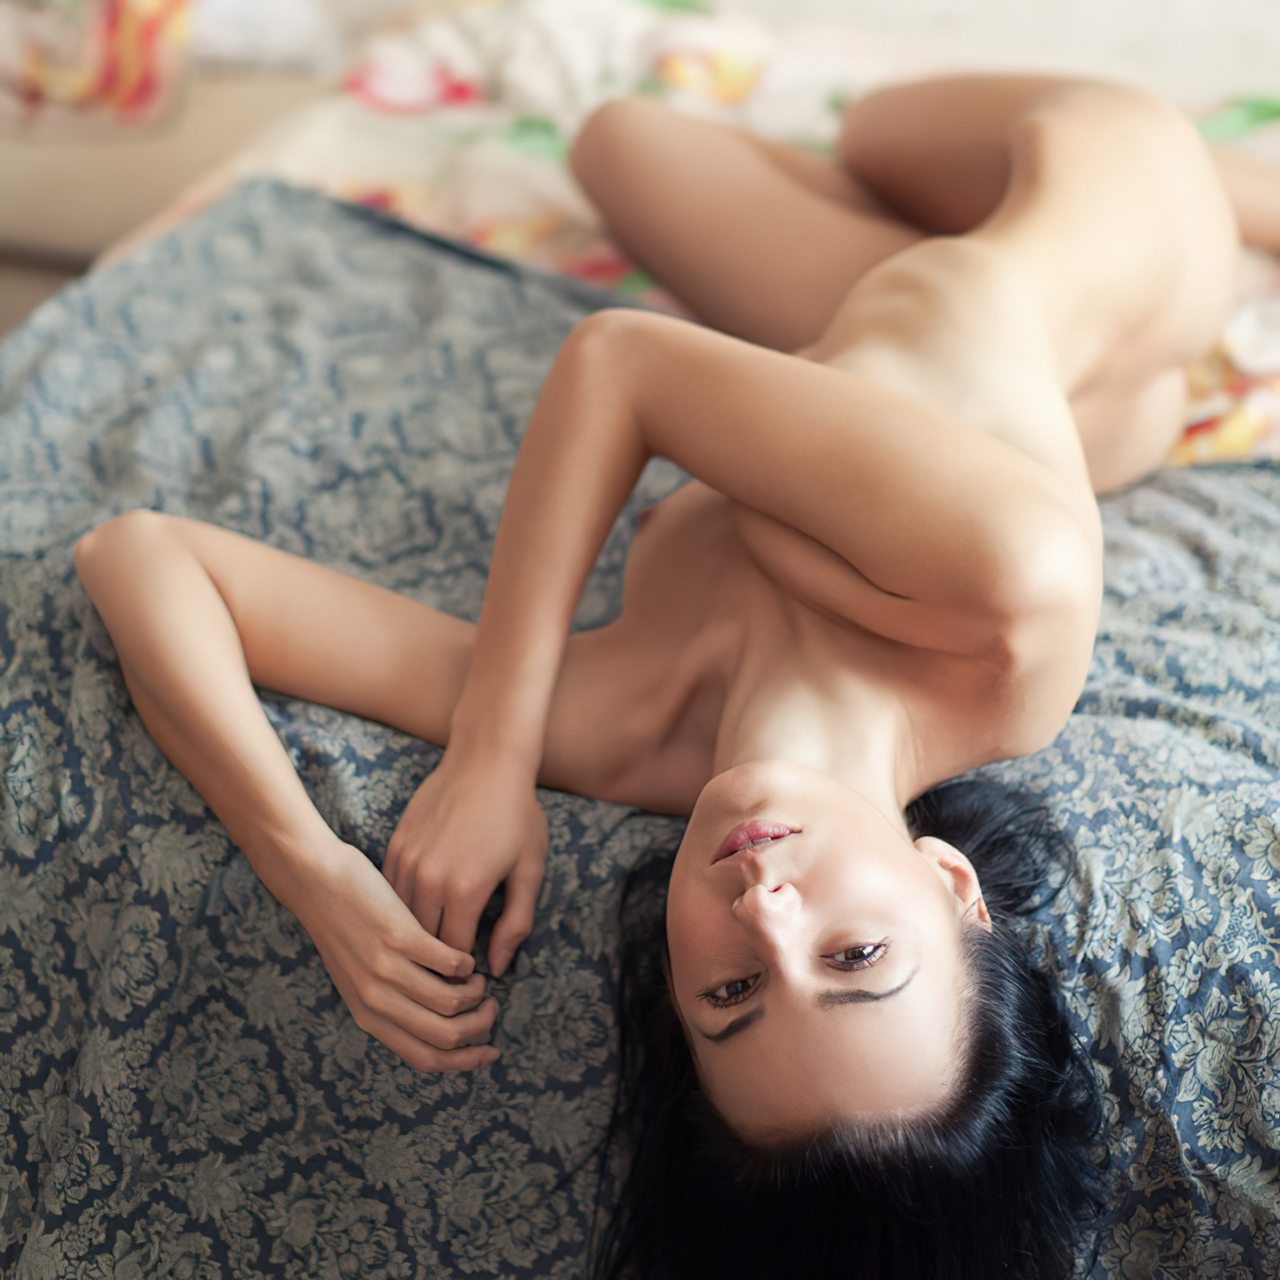 Fotos de Putas (16)